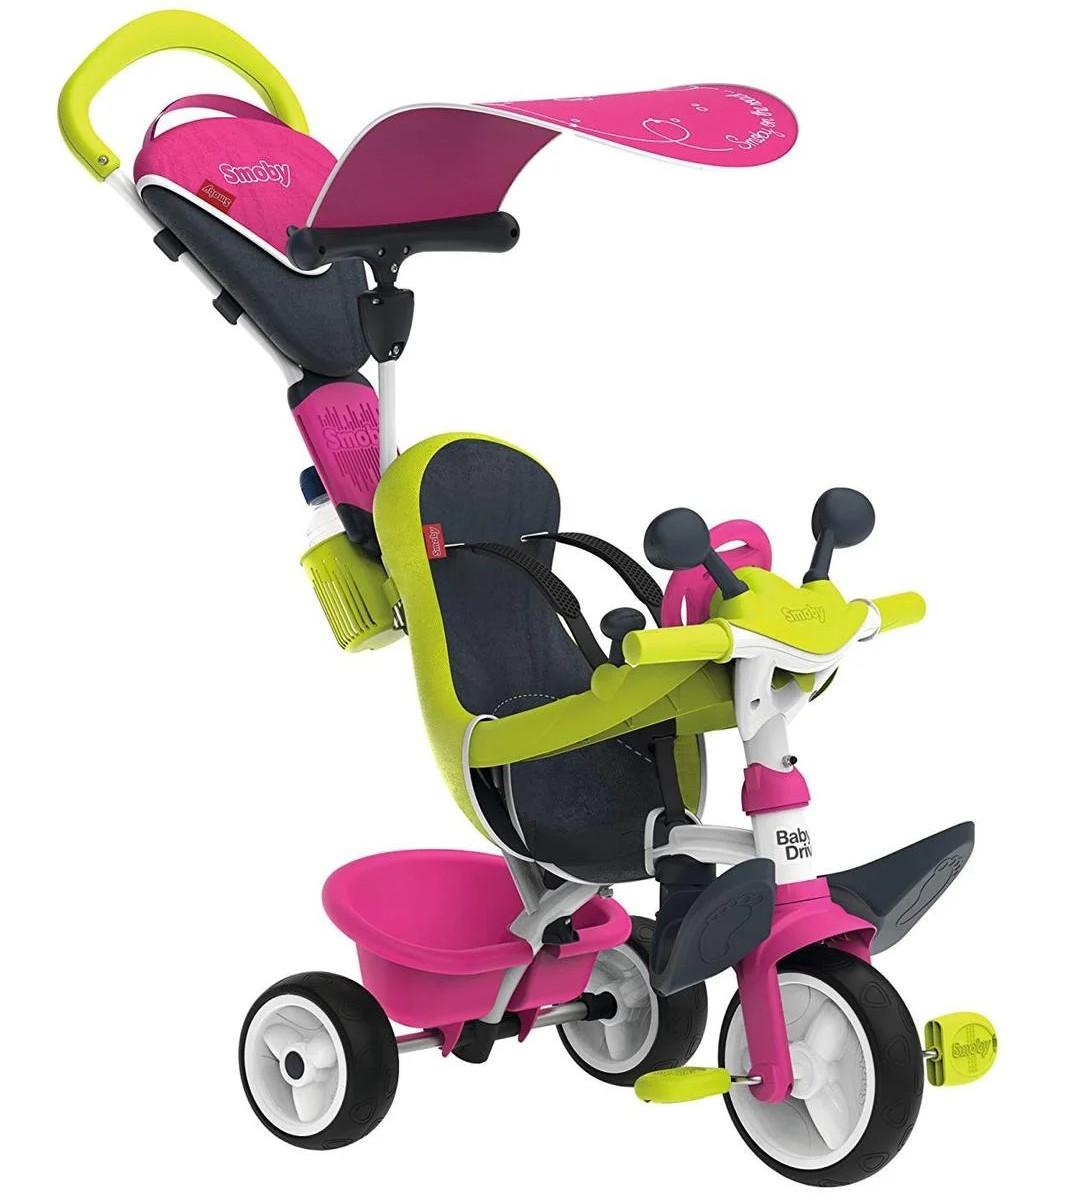 Детский трехколесный велосипед коляска 3в1 Baby Driver Smoby 741201 с ручкой, корзиной для детей